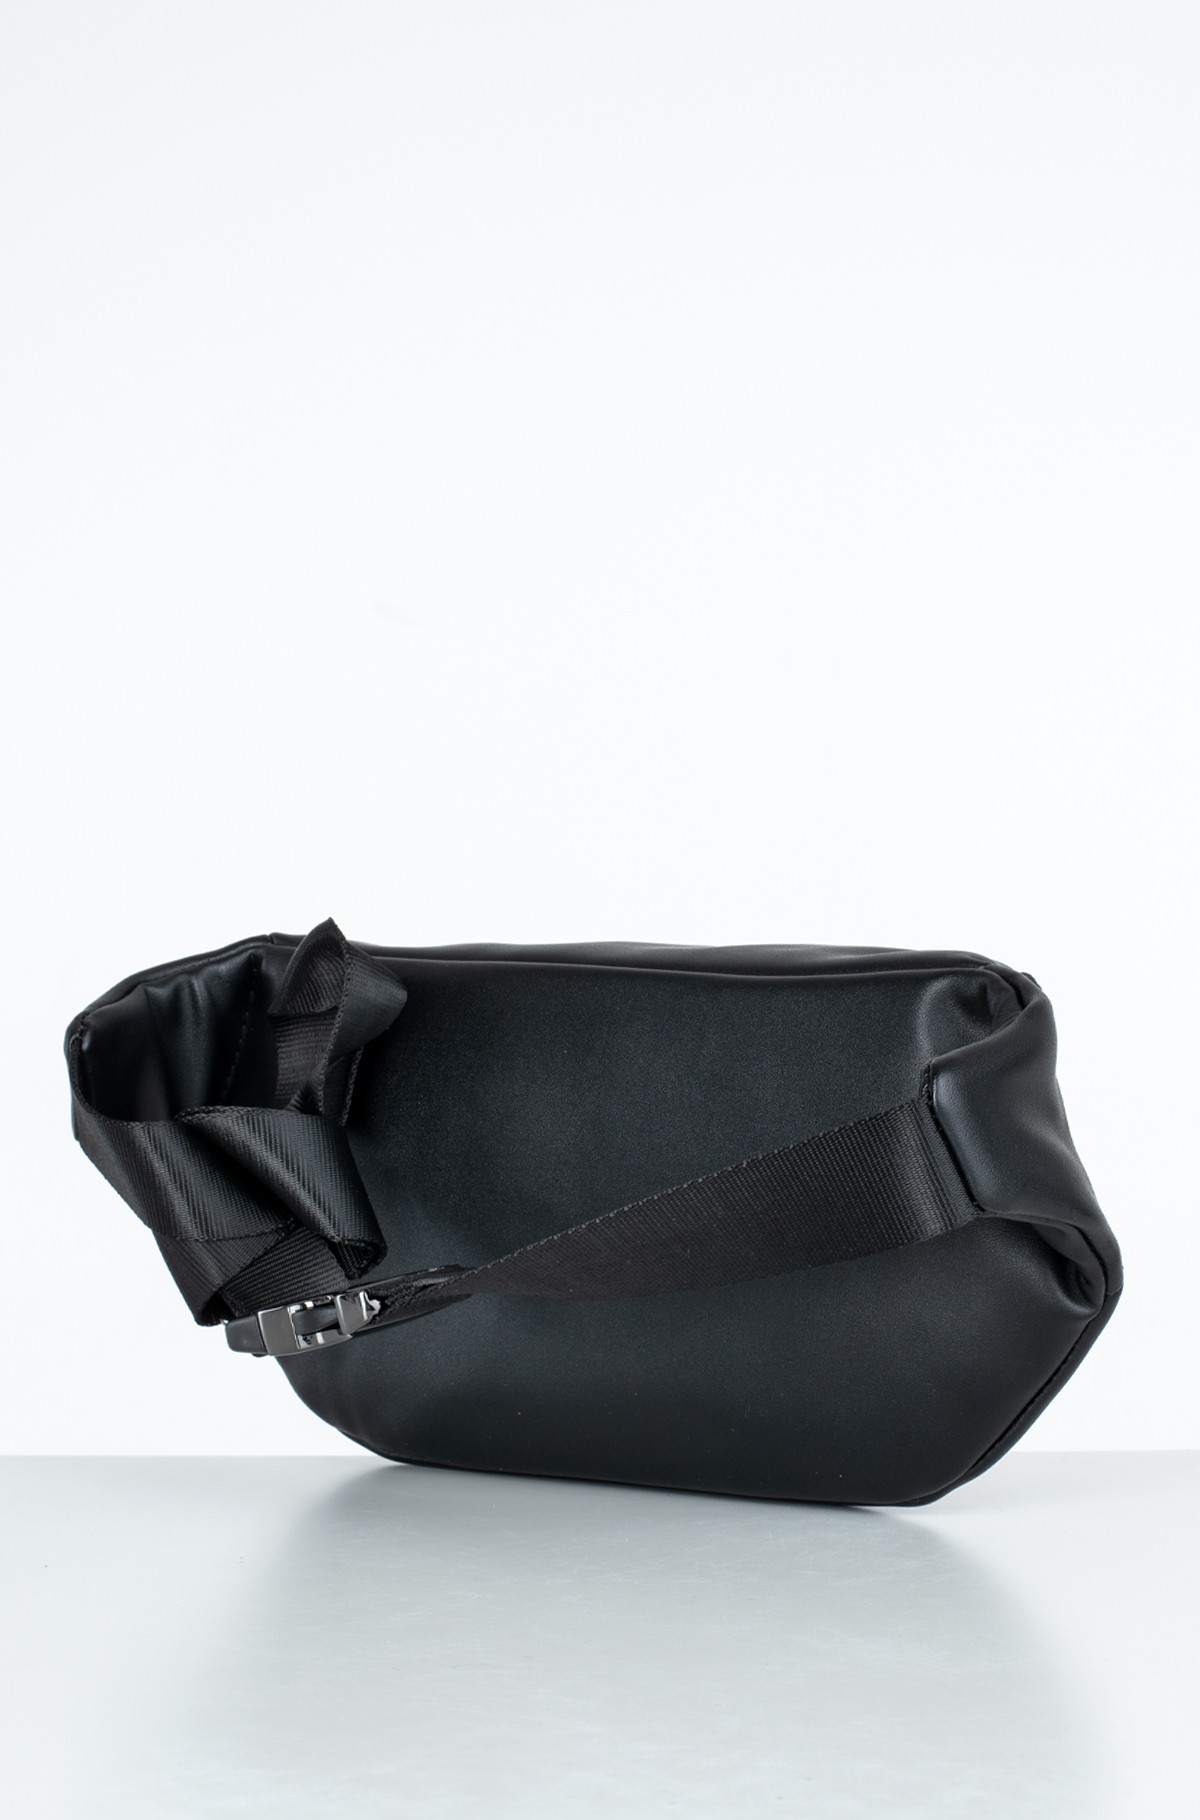 Belt bag HMSCLA P1230-full-3